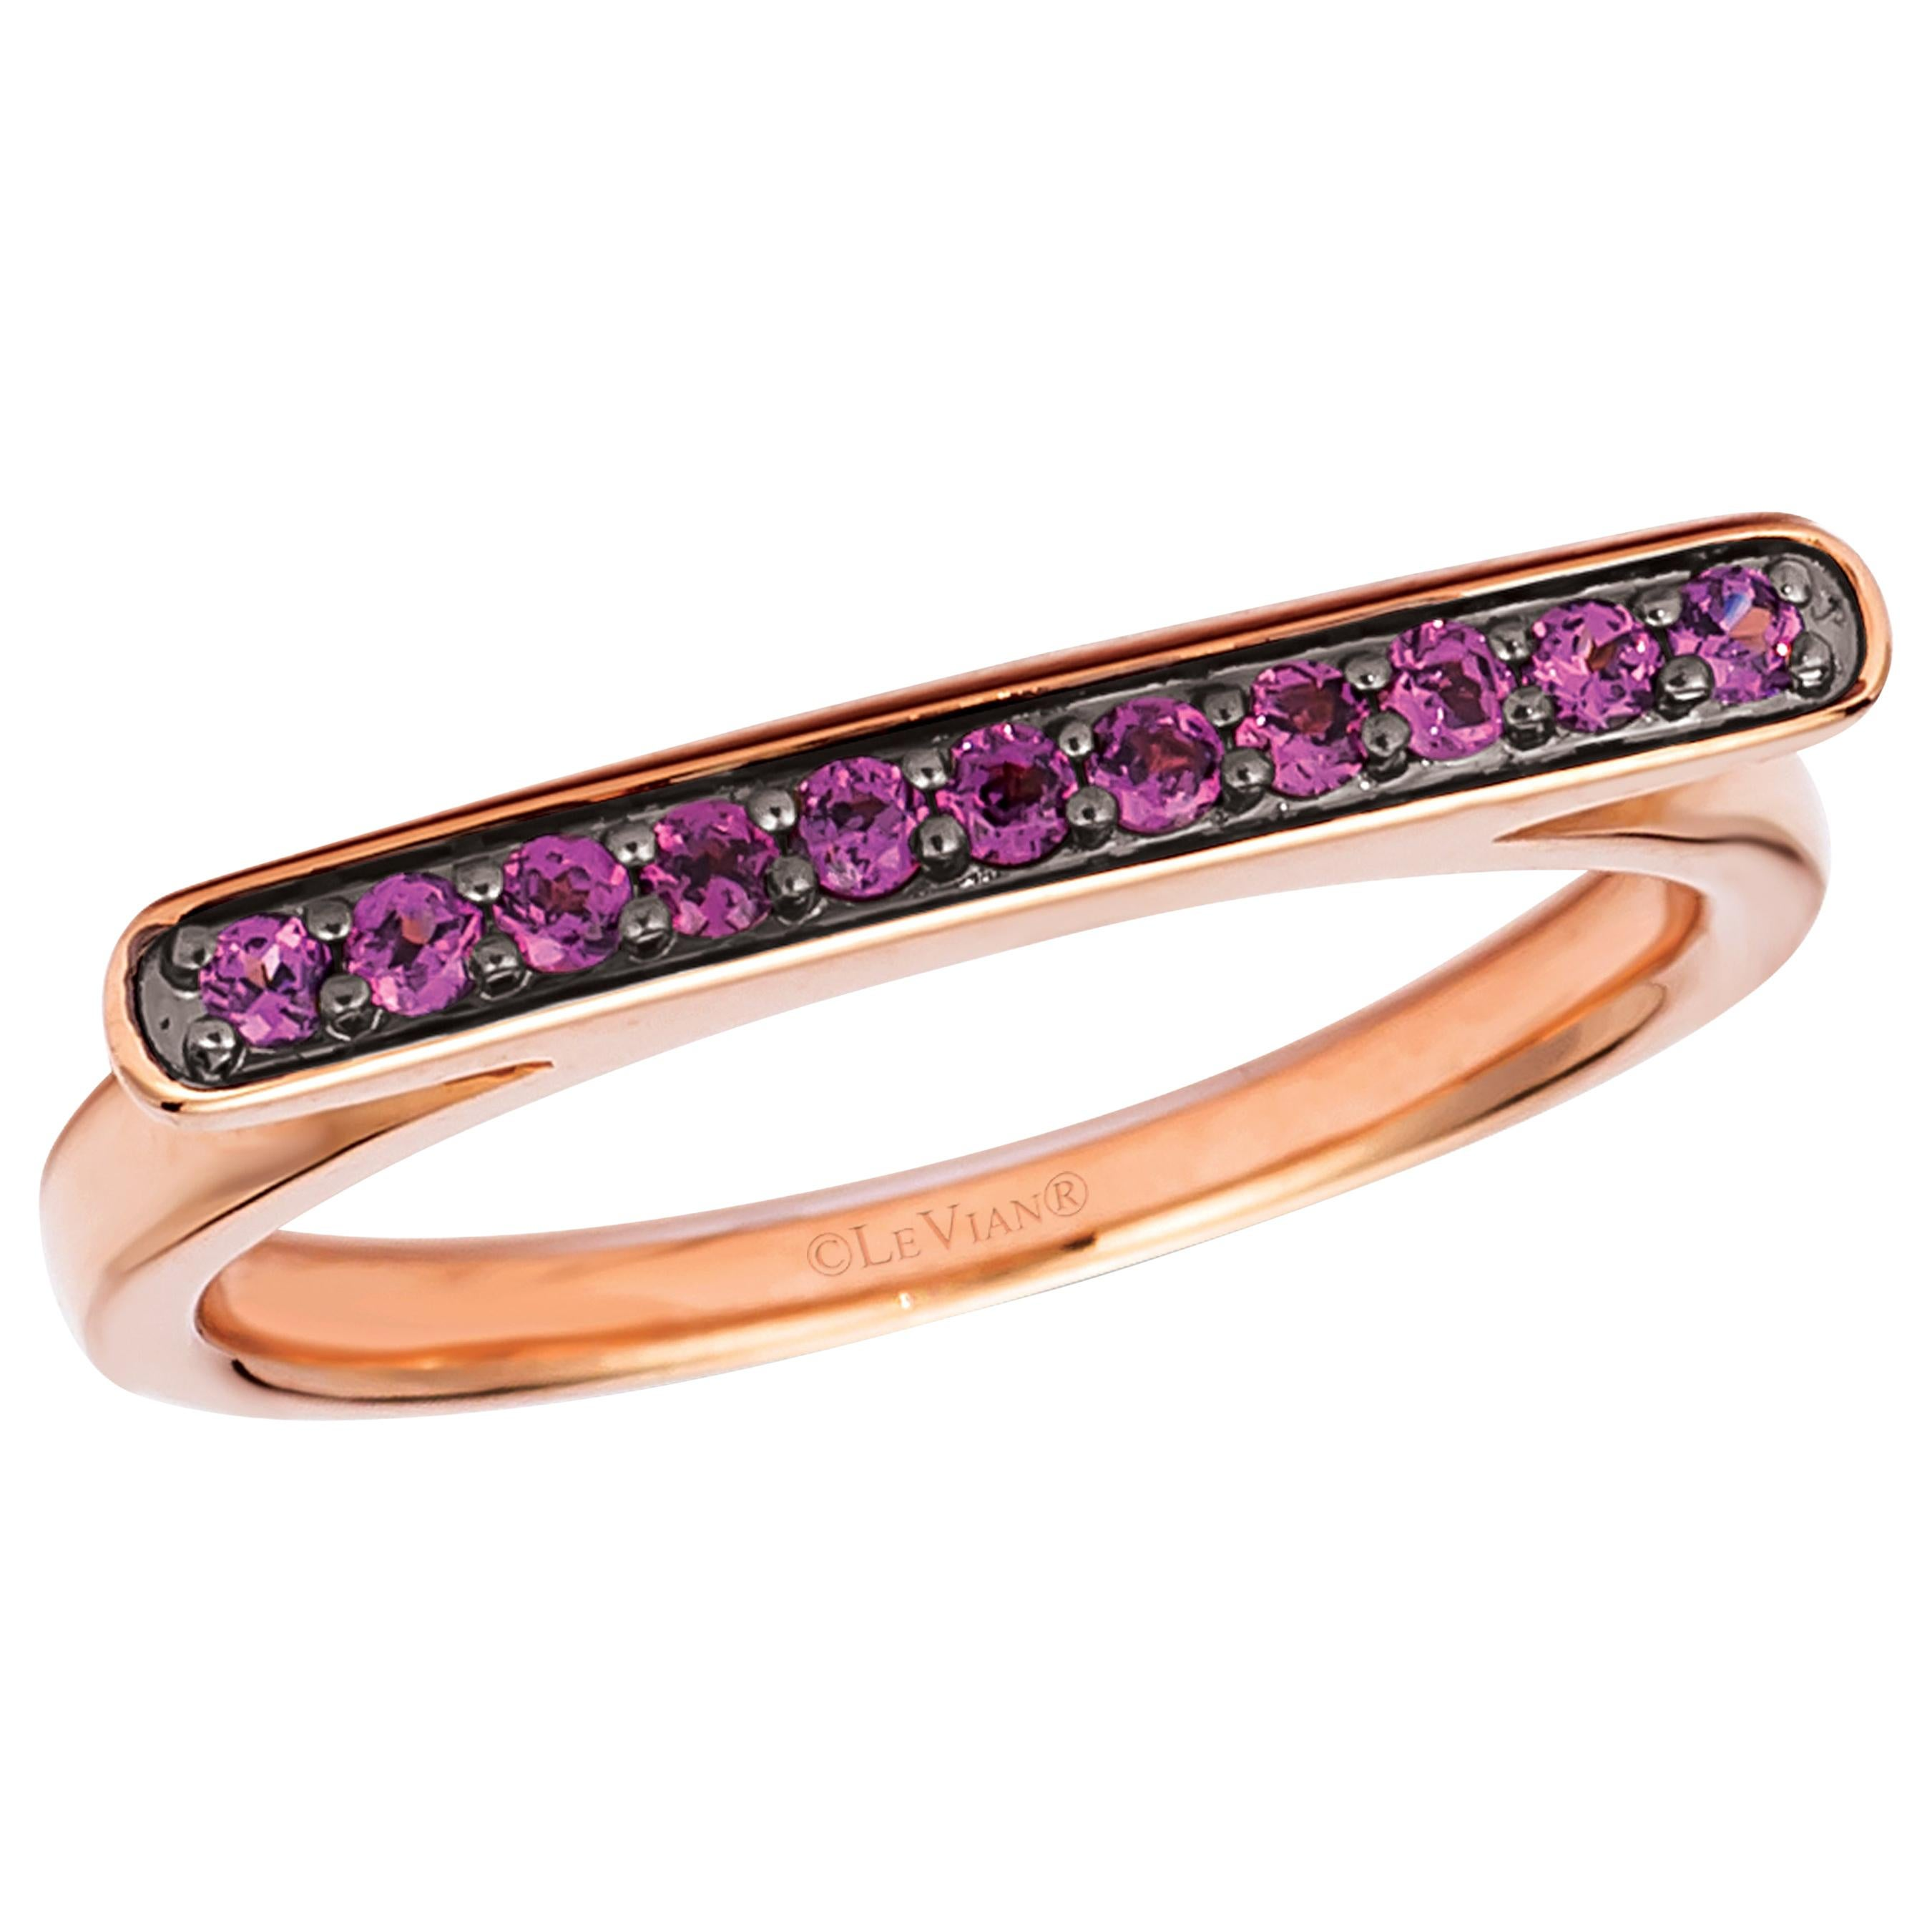 Le Vian 14 Karat Rose Gold Red Rhodolite Garnet Omega Shaped Ring